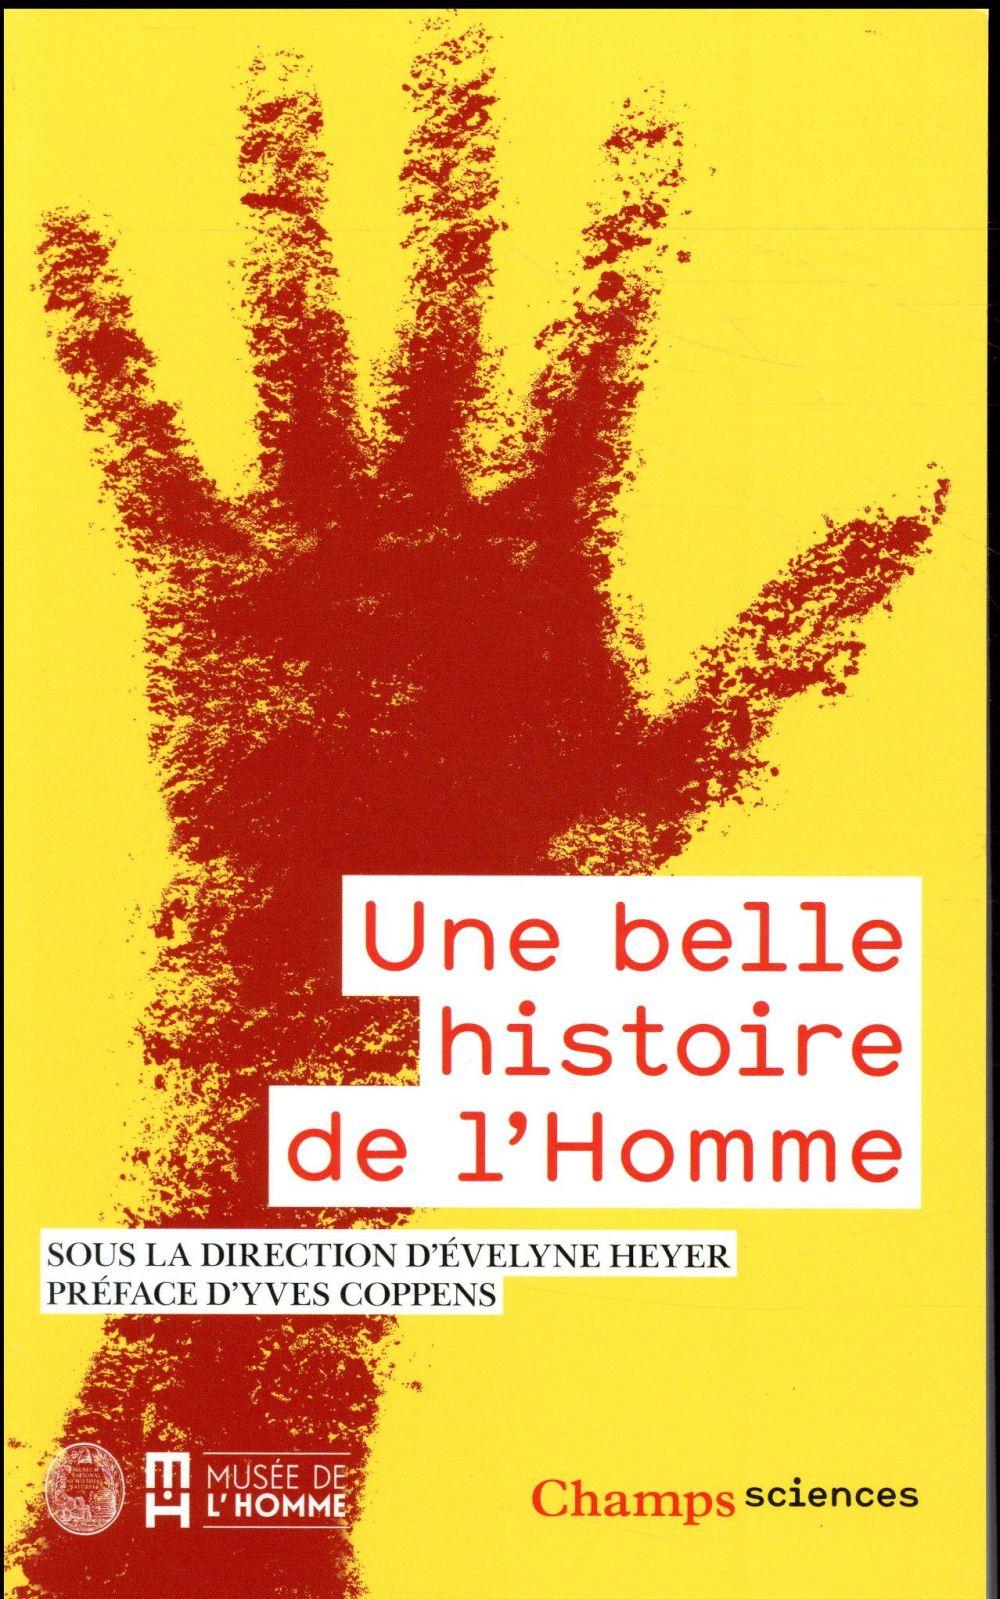 UNE BELLE HISTOIRE DE L'HOMME